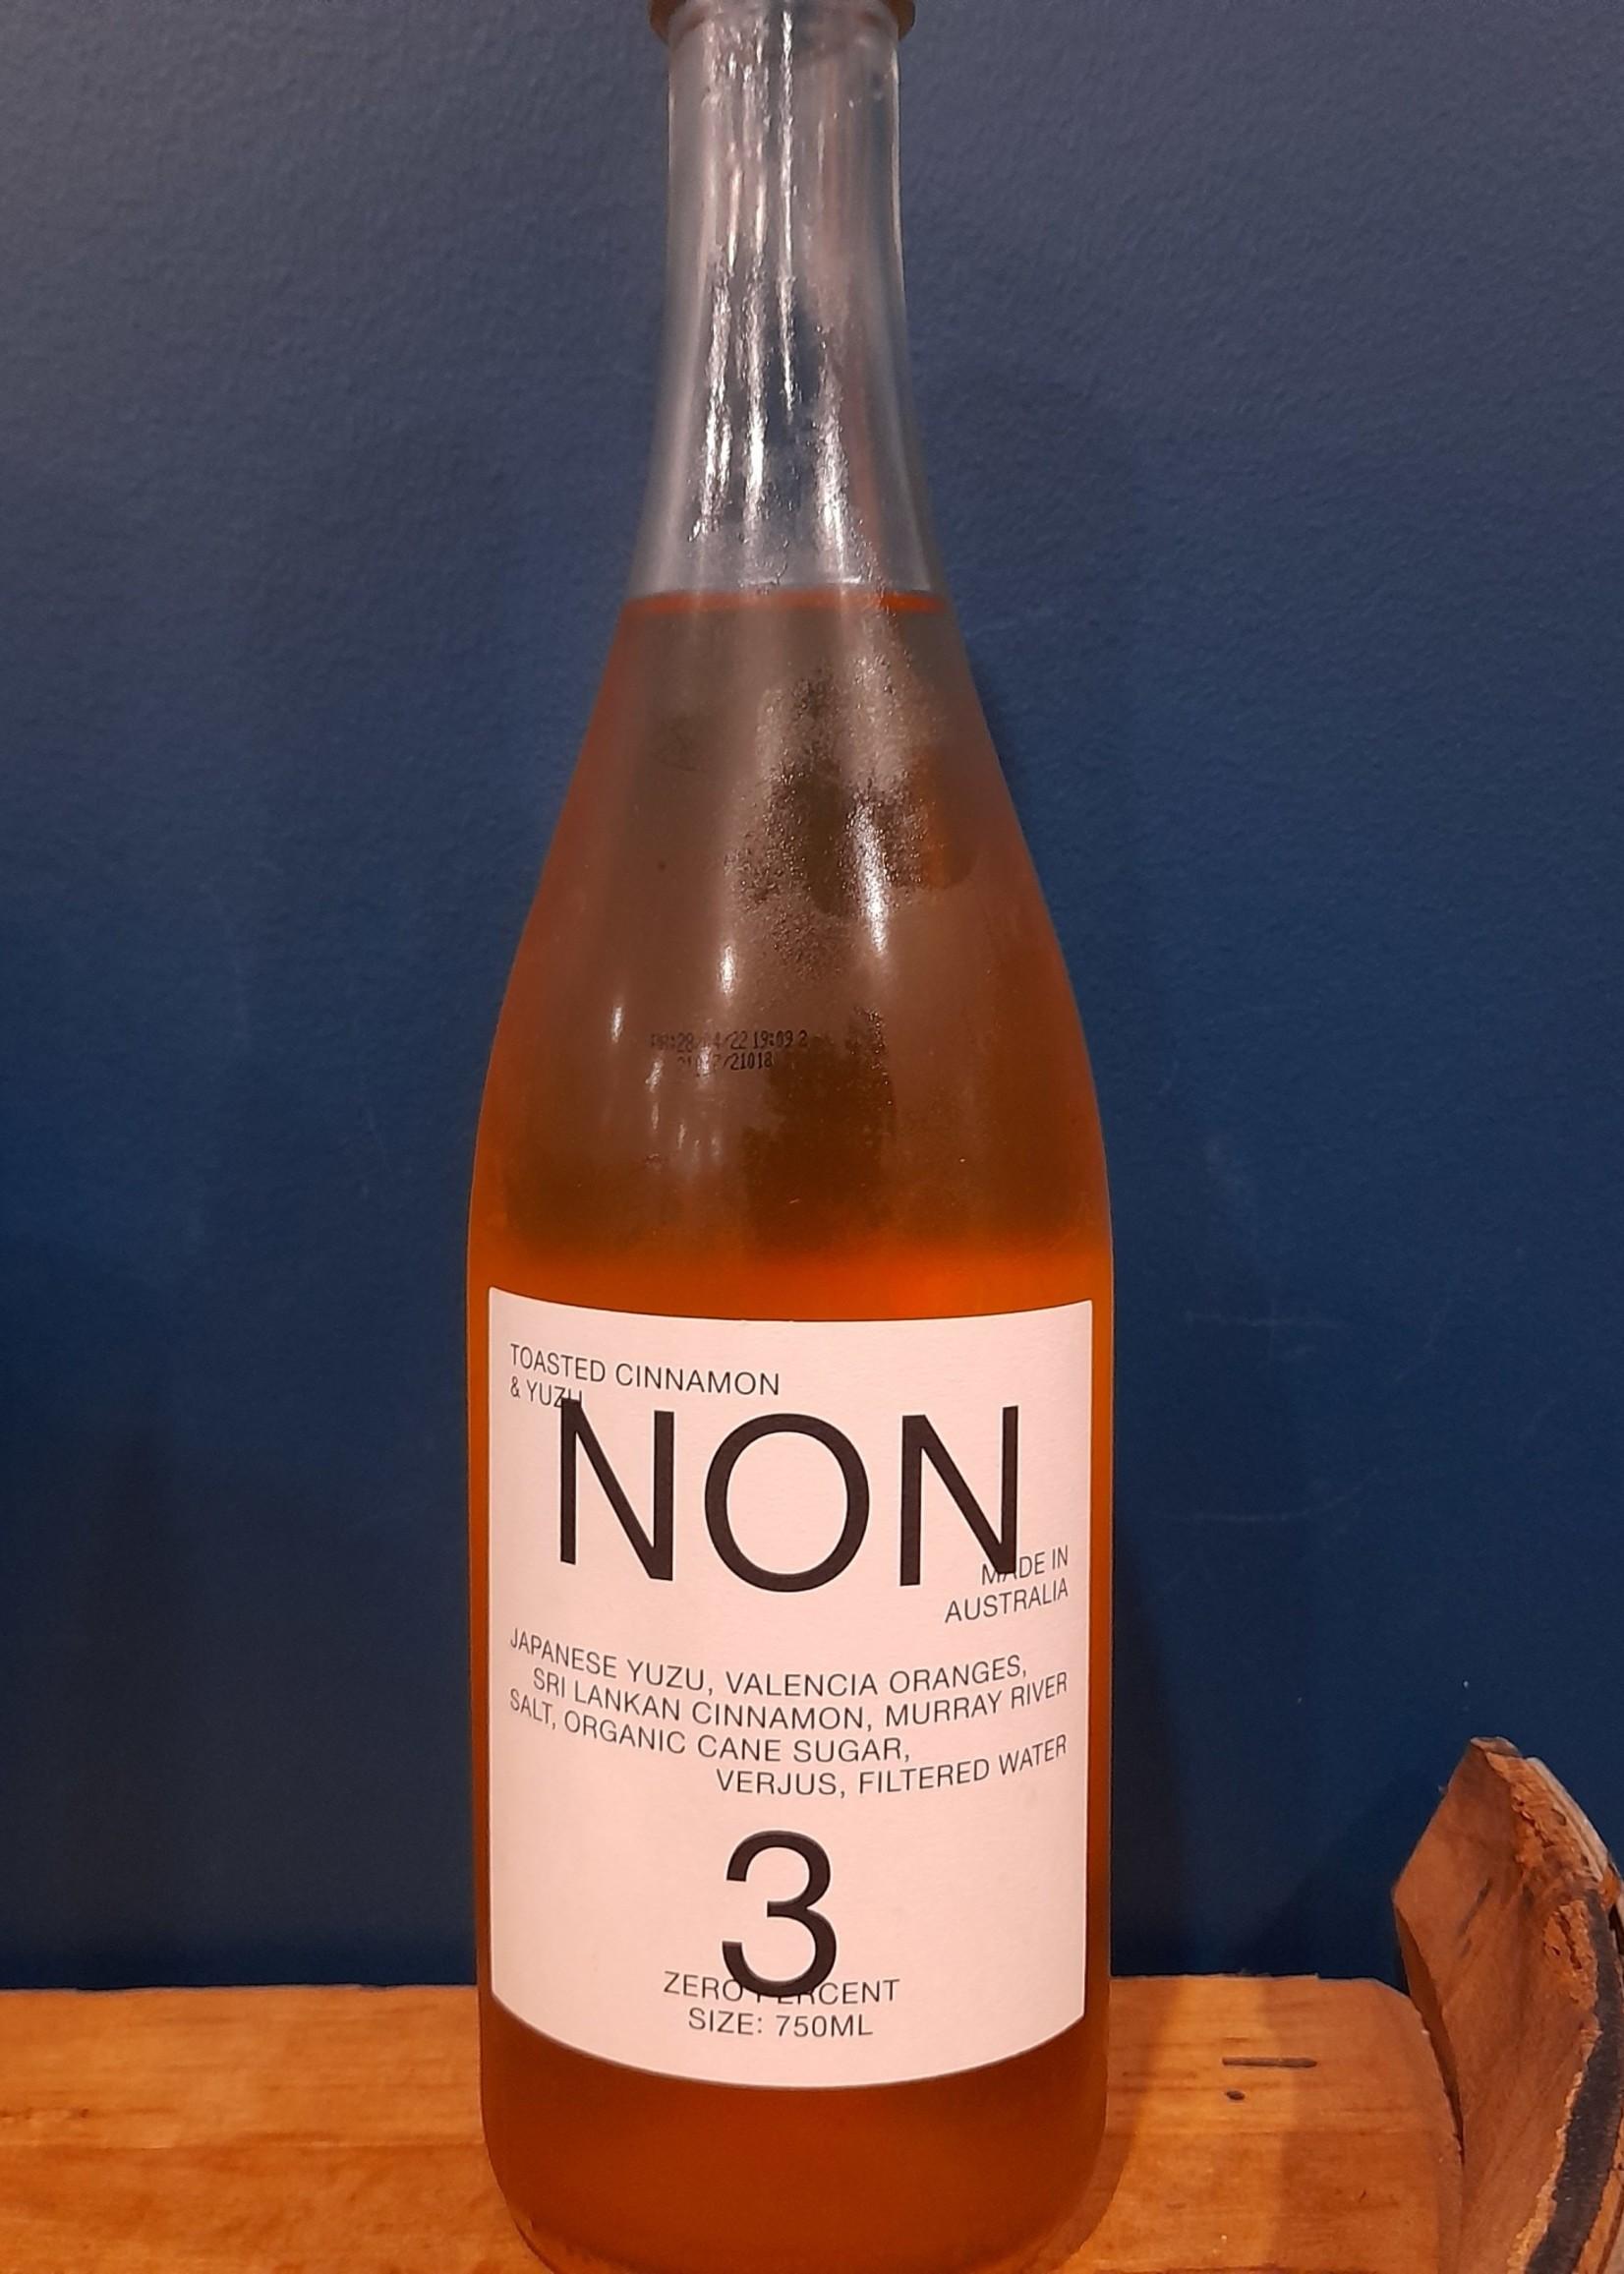 NON NON 3